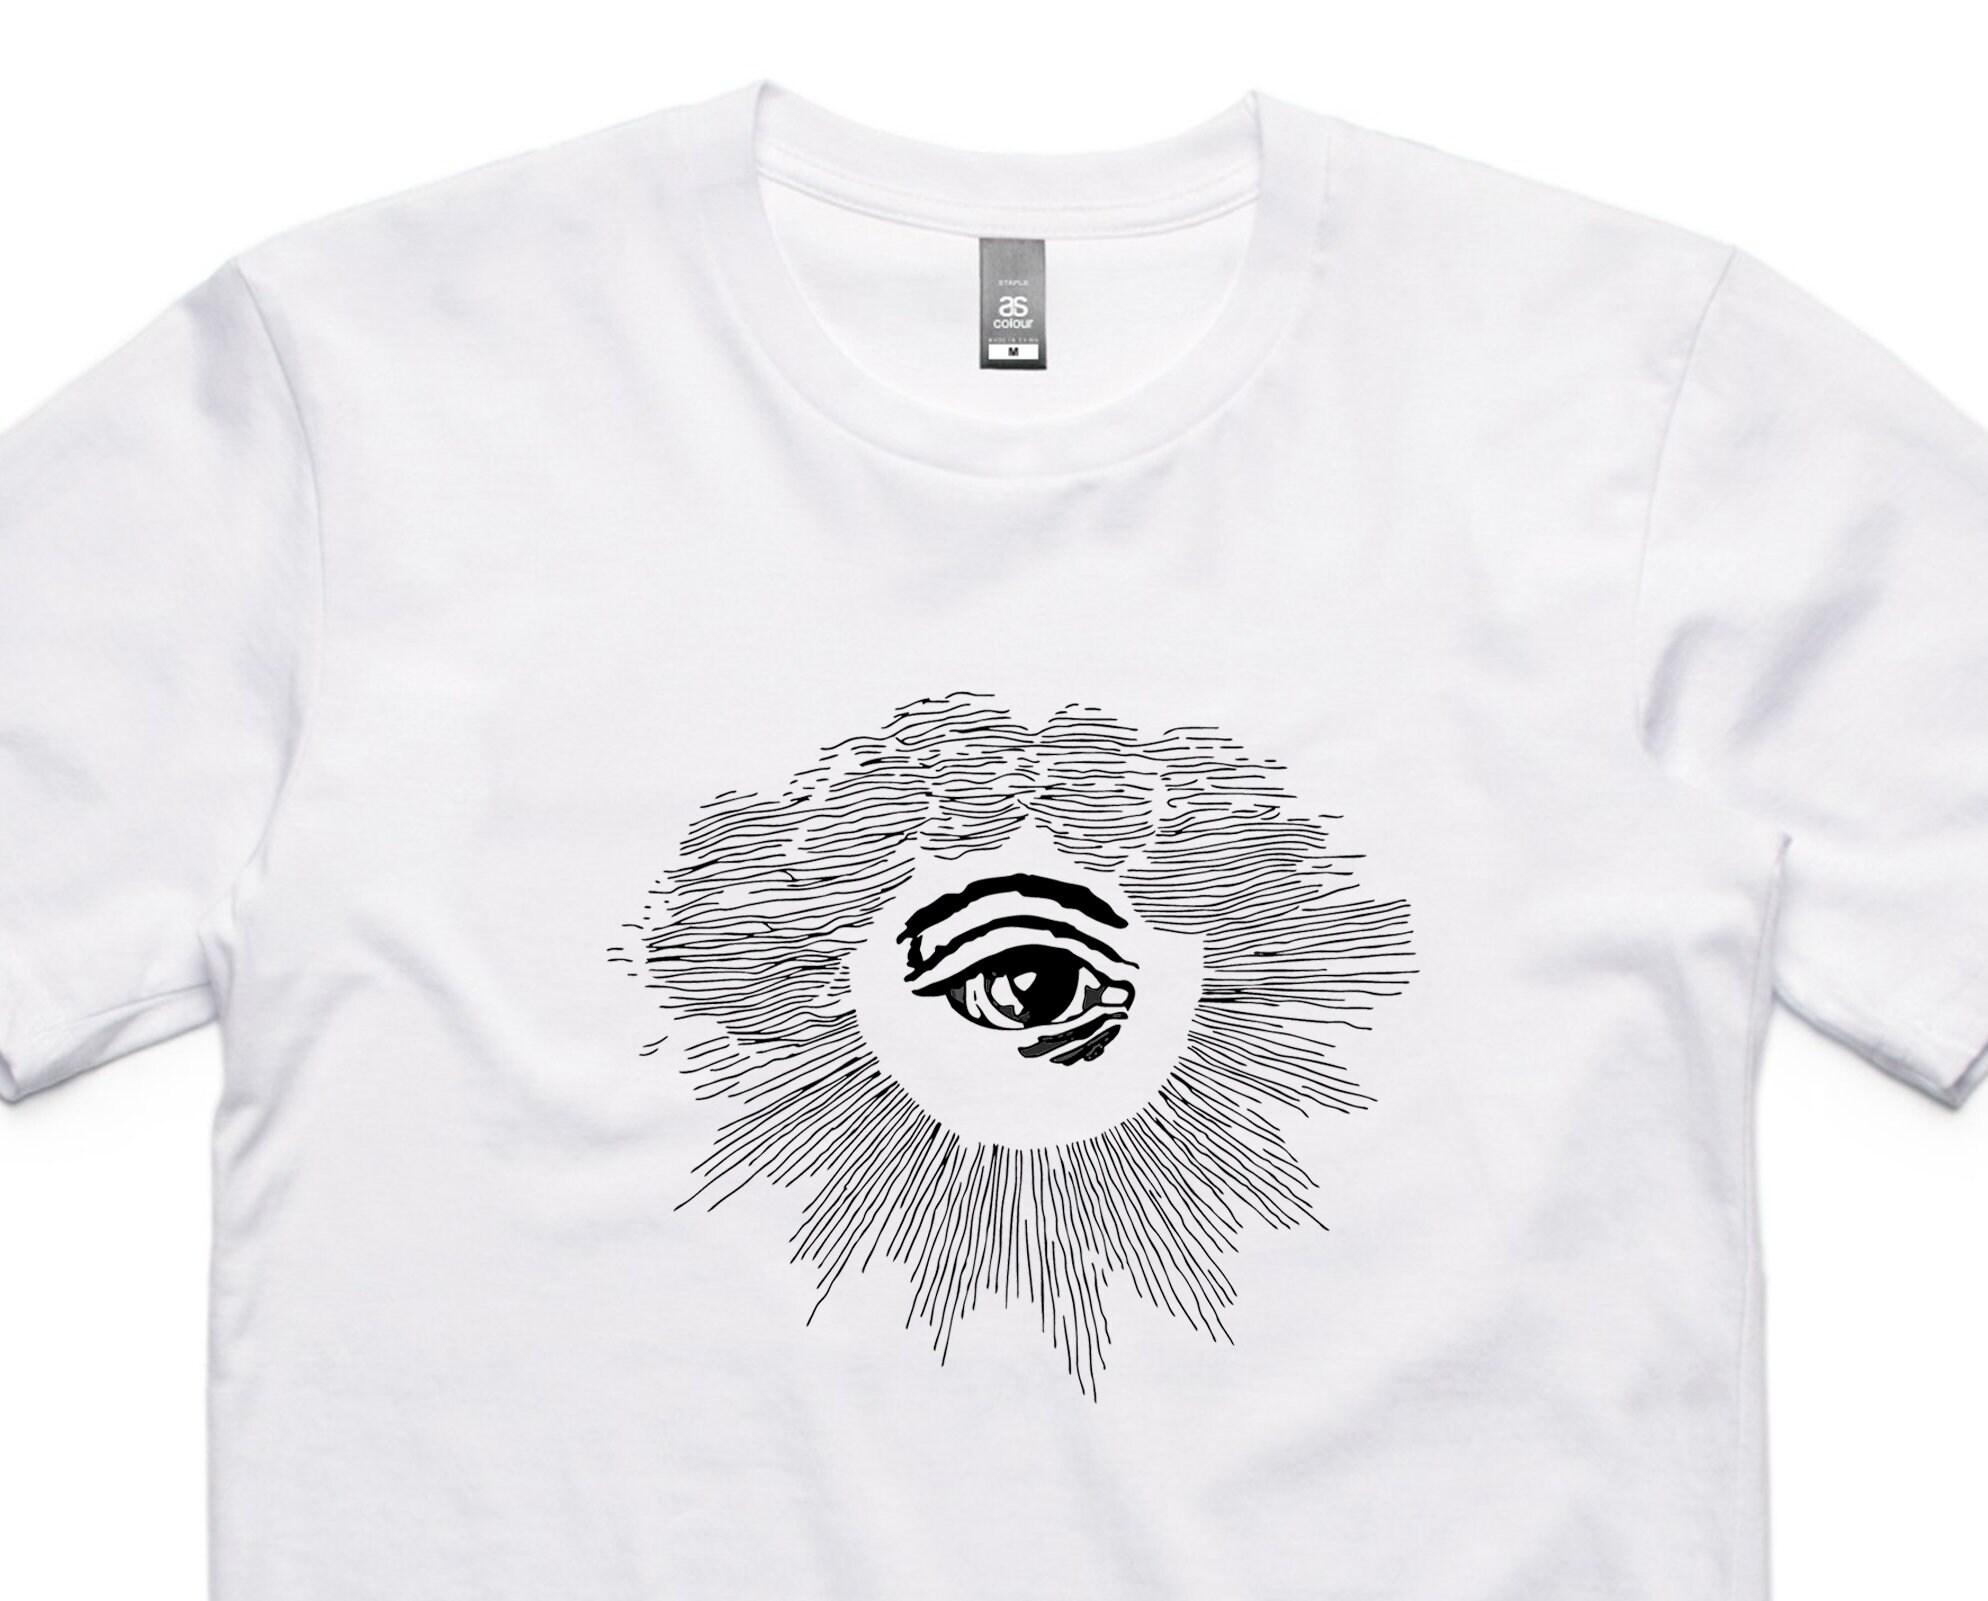 Oeil au beurre blanc noir sur t-shirt blanc beurre 8ff400 ... 5167cbdc2ea